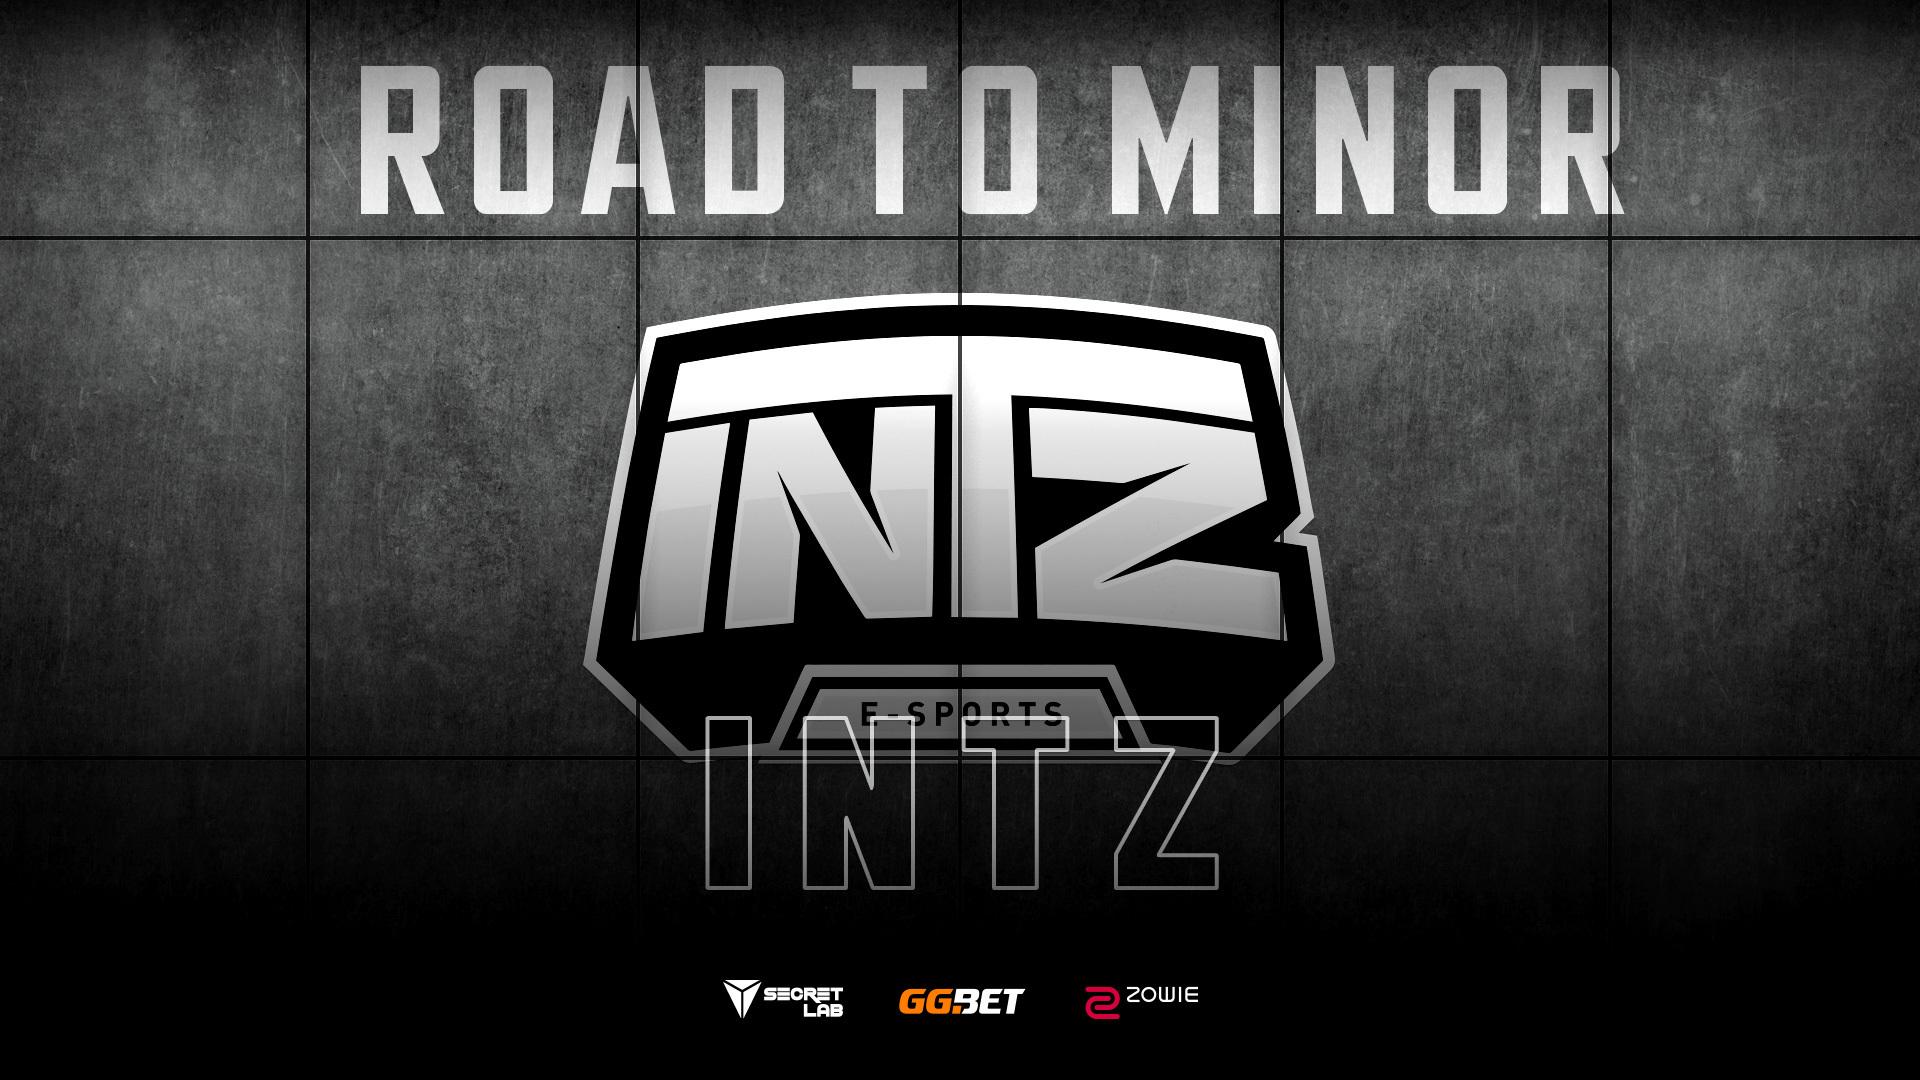 Road to #BerlinMinor2019: INTZ